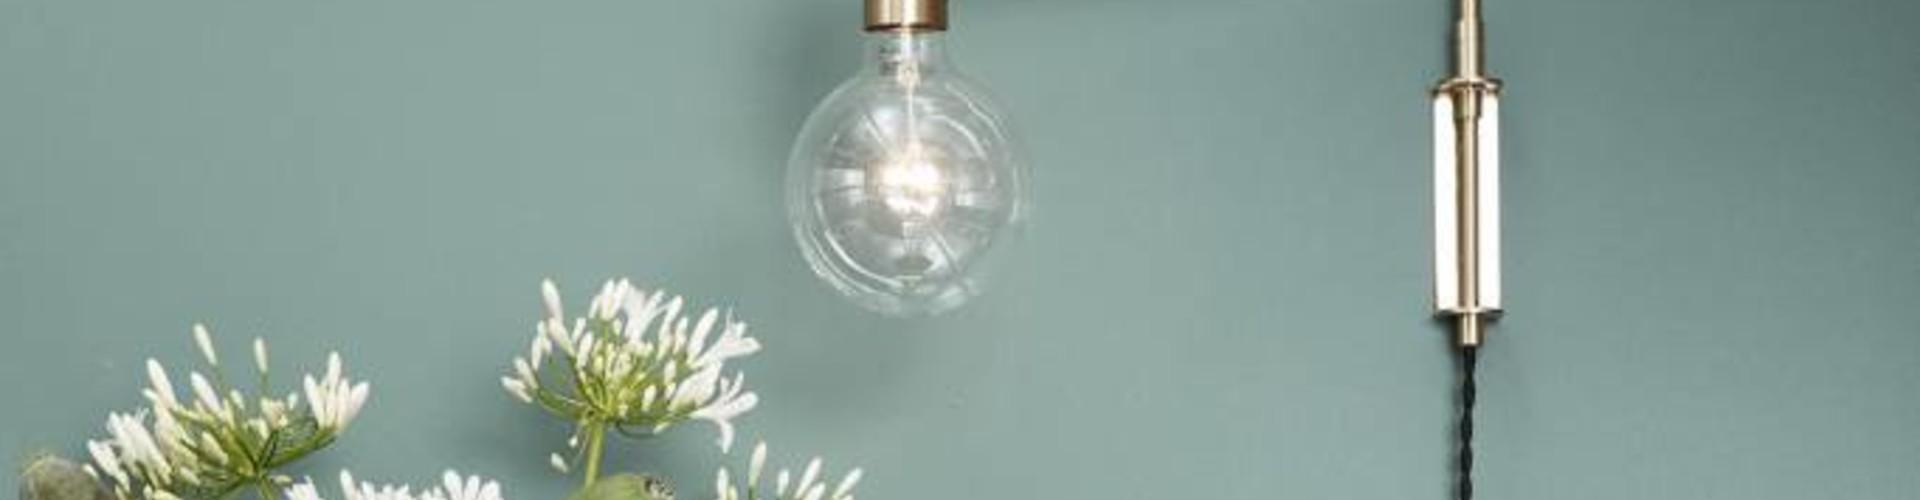 Halverlichting nodig? Bekijk onze lampen voor in de gang!